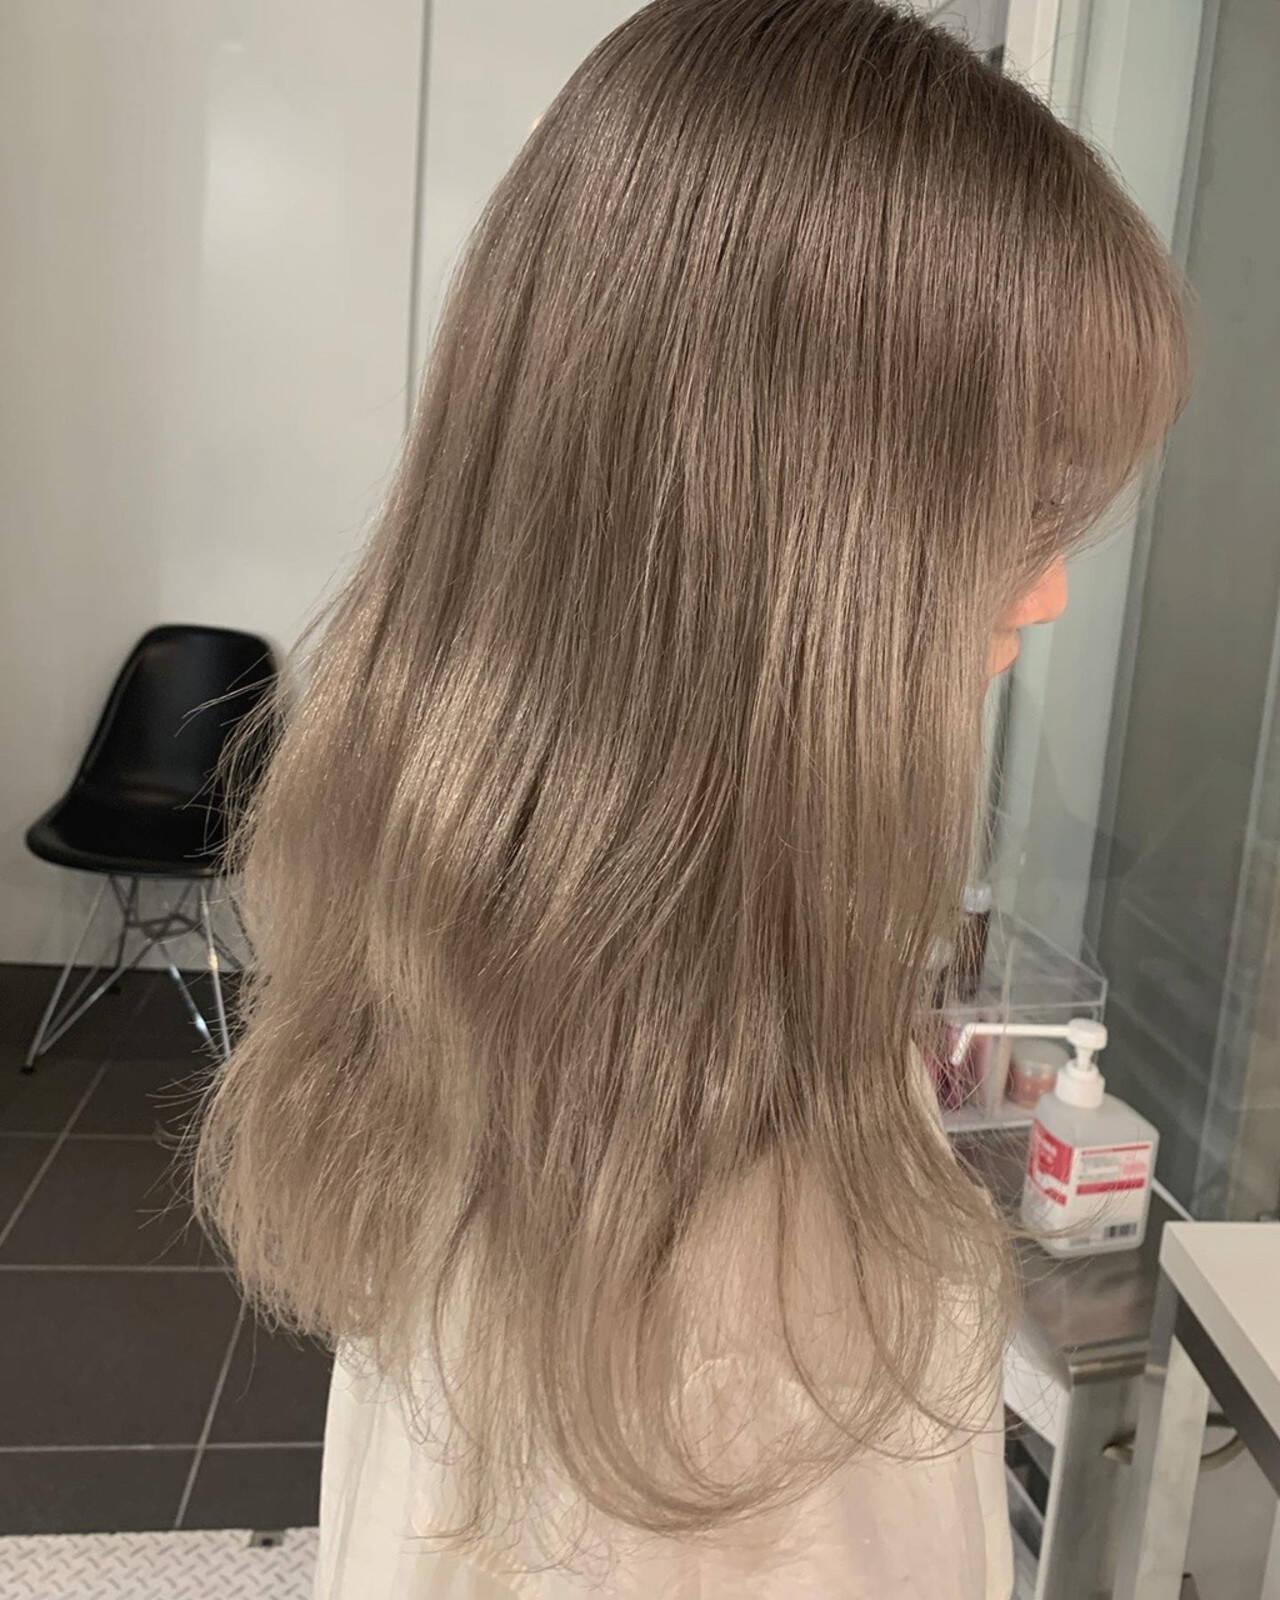 アッシュグレージュ ウルフカット ロング ミルクティーベージュヘアスタイルや髪型の写真・画像